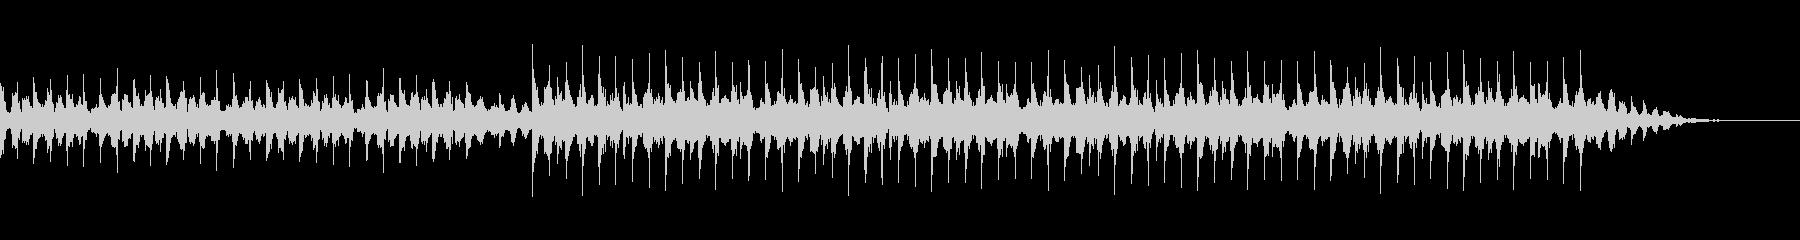 コーポレートテクスチャ―3の未再生の波形